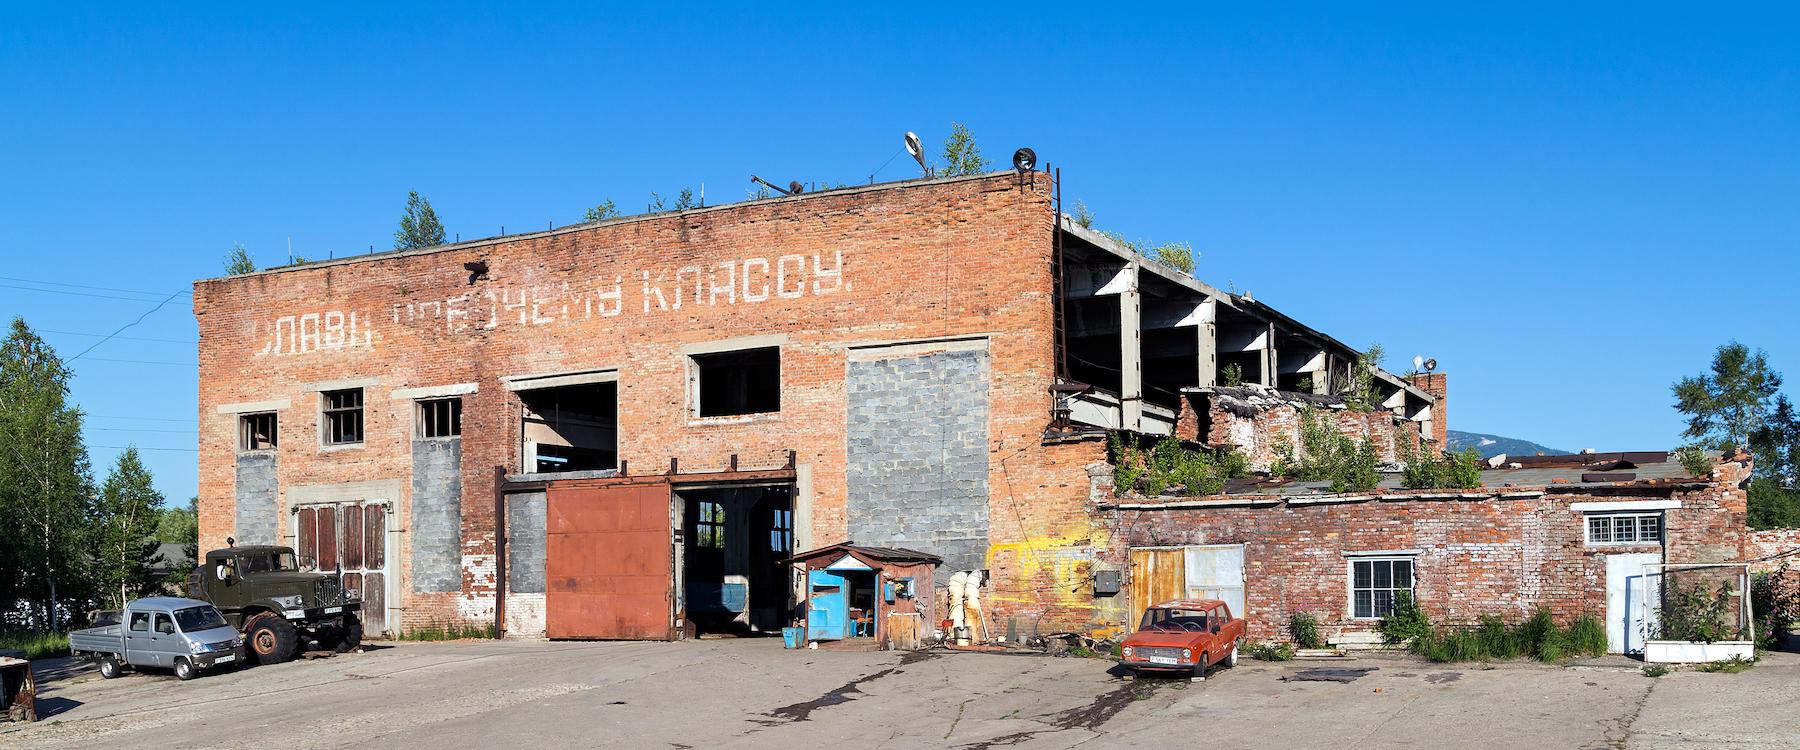 sowjetische Losung als Fassadeninschrift